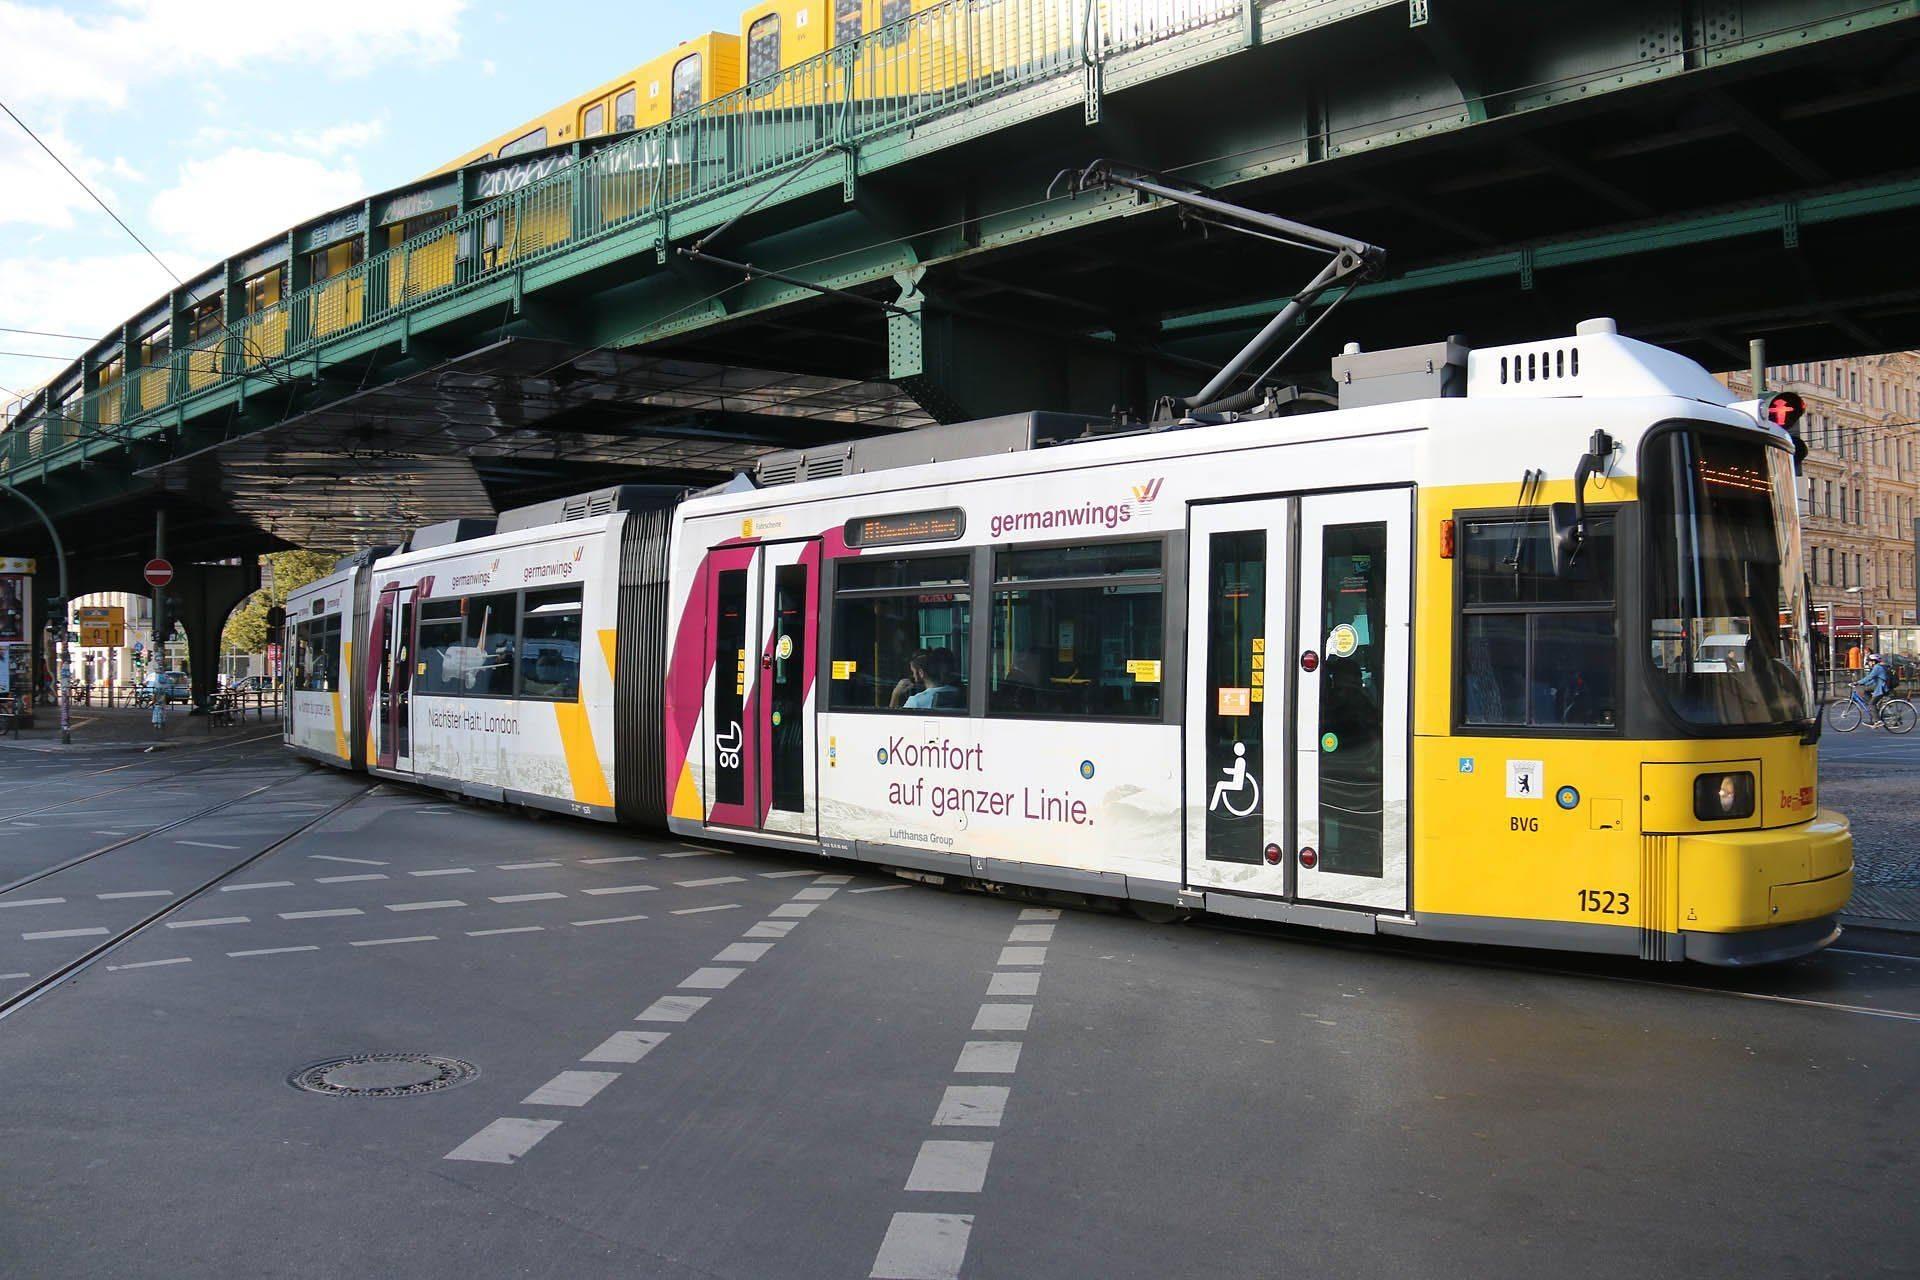 Общественный транспорт в германии — ж/д, автомобильный, воздушный, морской, проездные 2021, стоимость проезда   туристер.ру